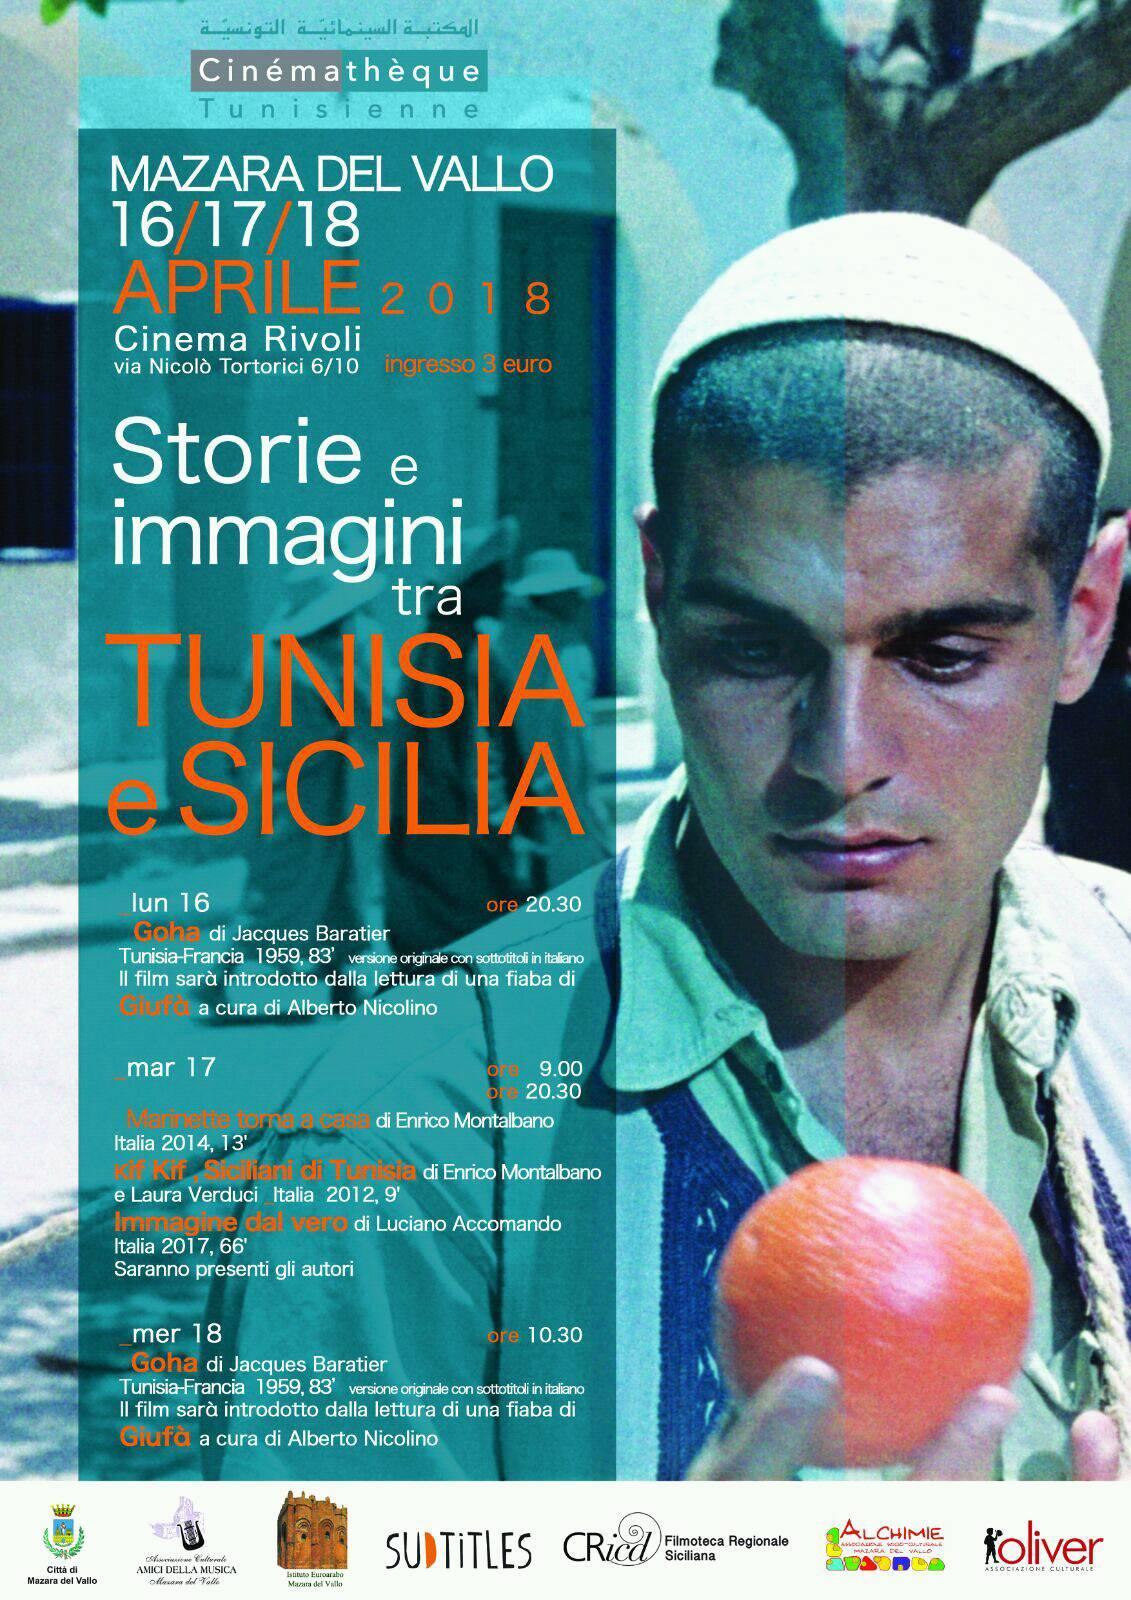 Storie e immagini tra Tunisia e Sicilia